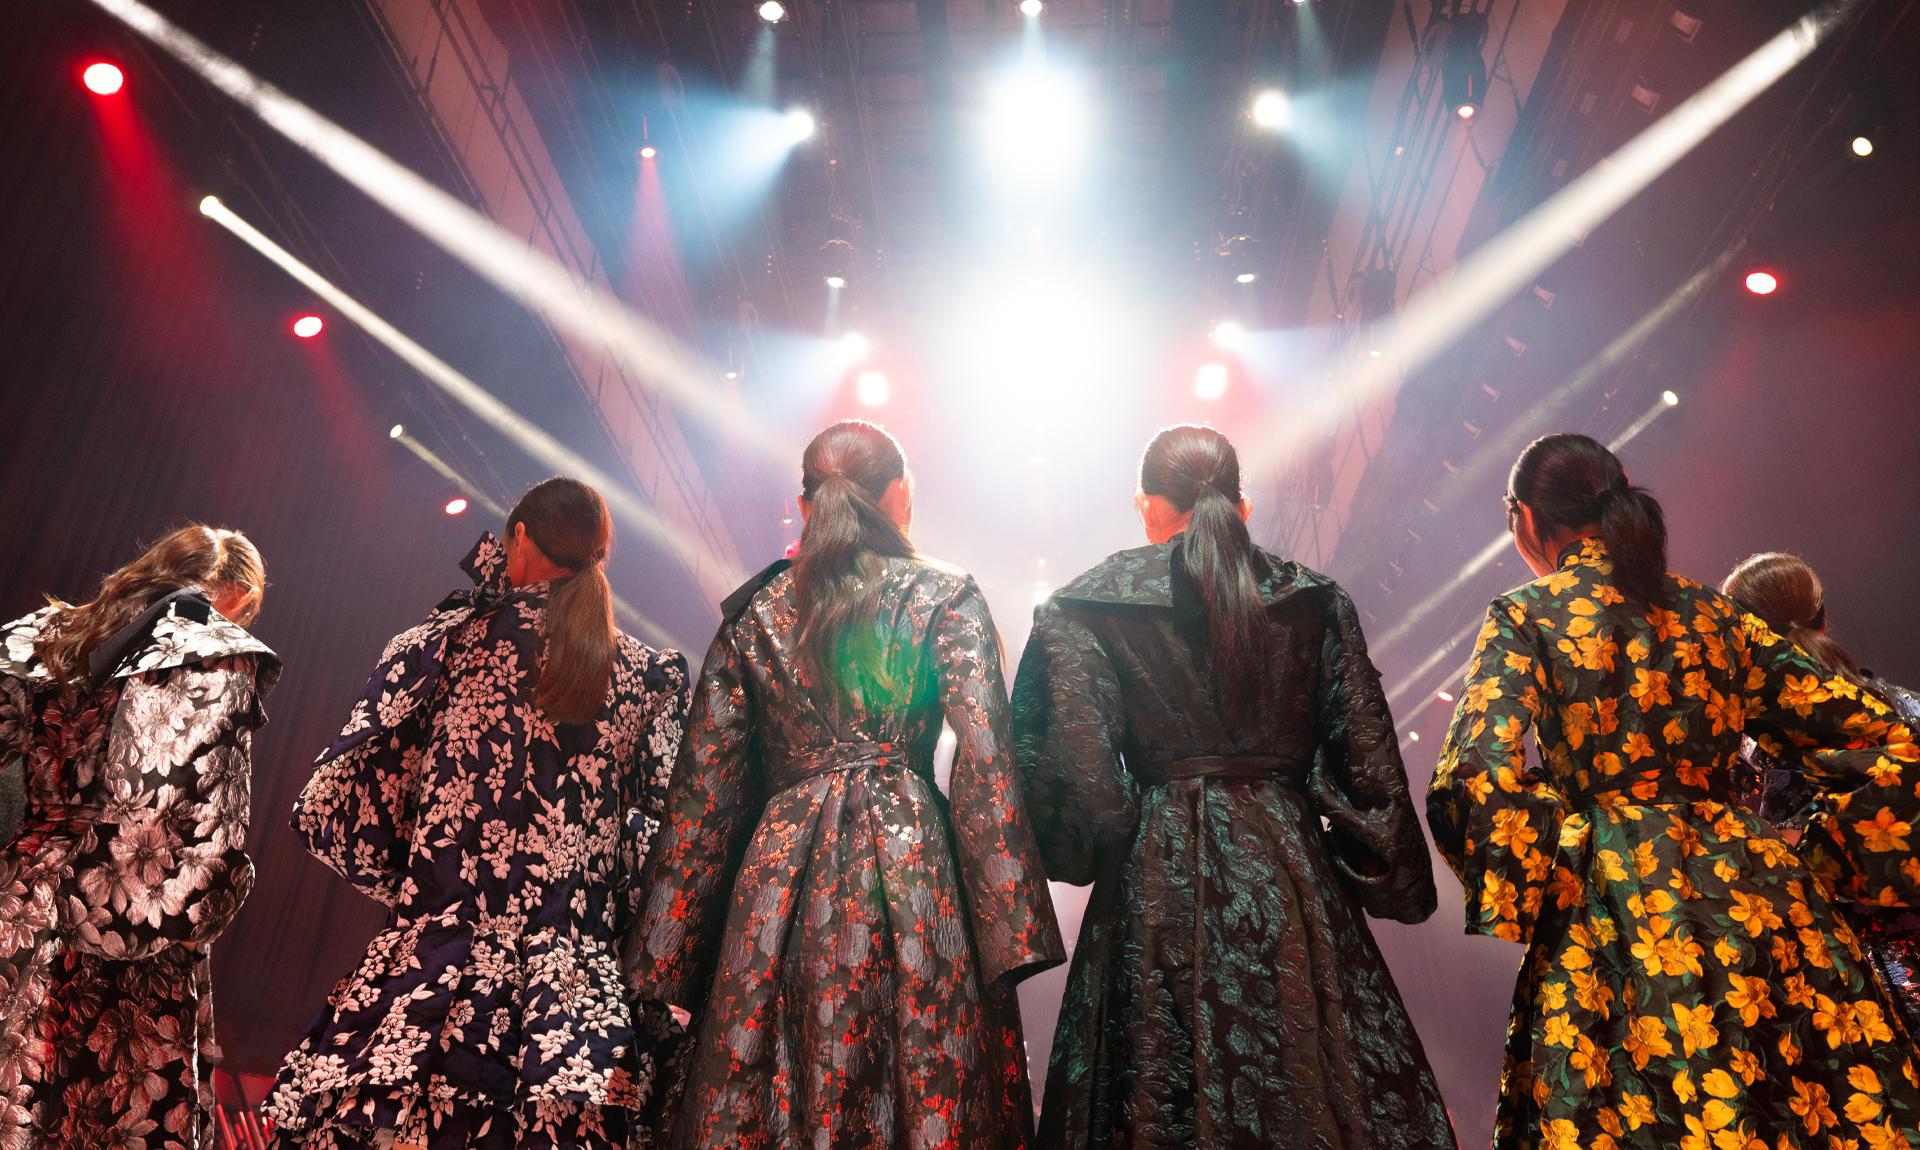 Settore della moda: immagine di una sfilata a colori/Italian fashion: image of a fashion show